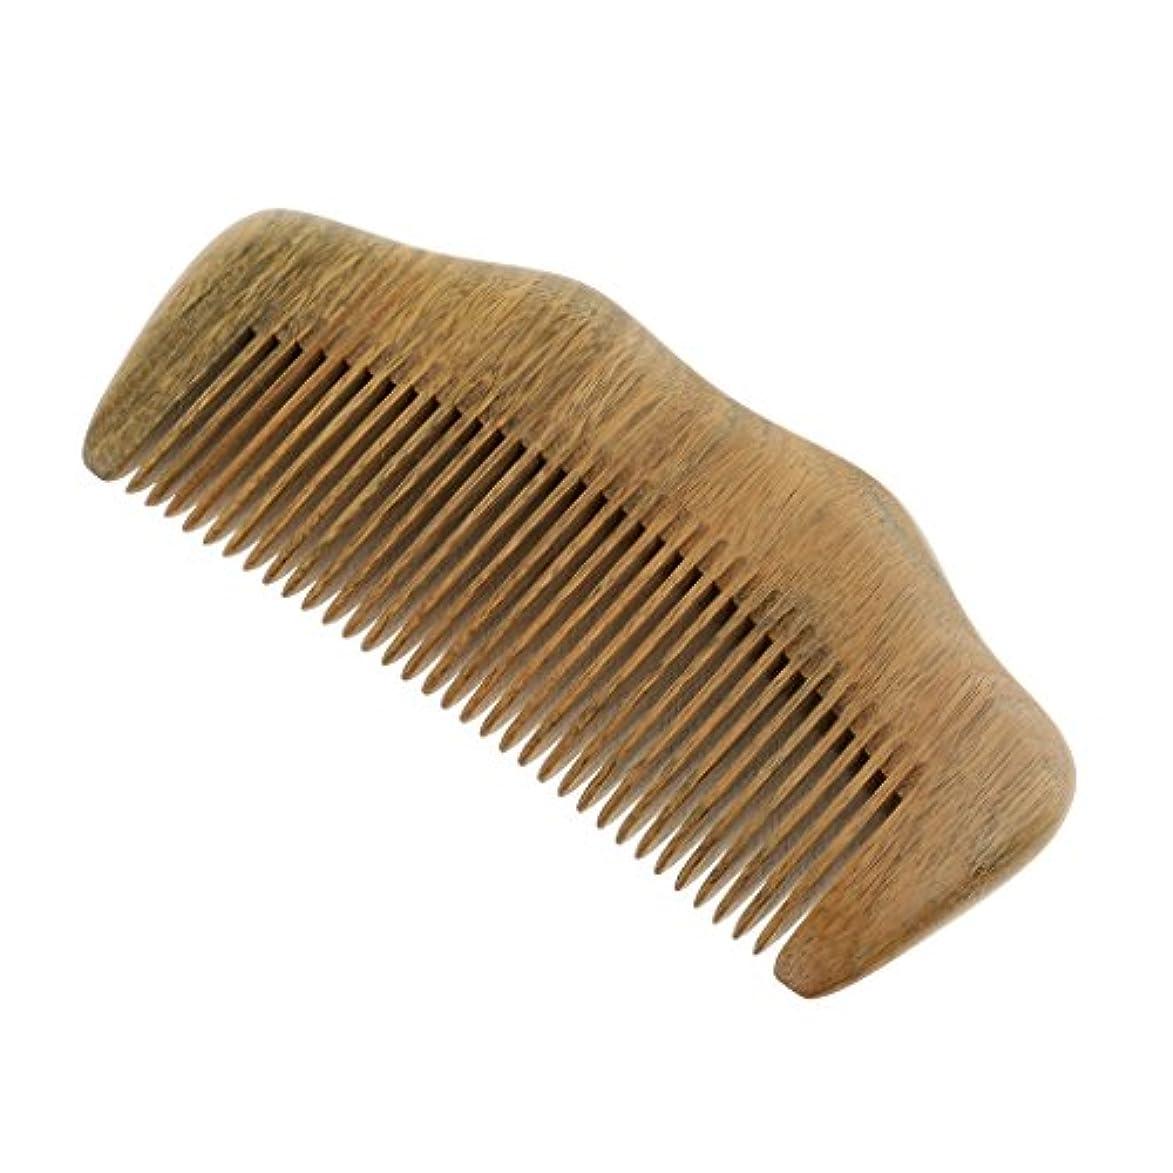 交じるシネウィプットT TOOYFUL ウッドヘアコーム 自然な木 櫛 ヘアケア マッサージ 細かい歯 静電気防止 滑らか